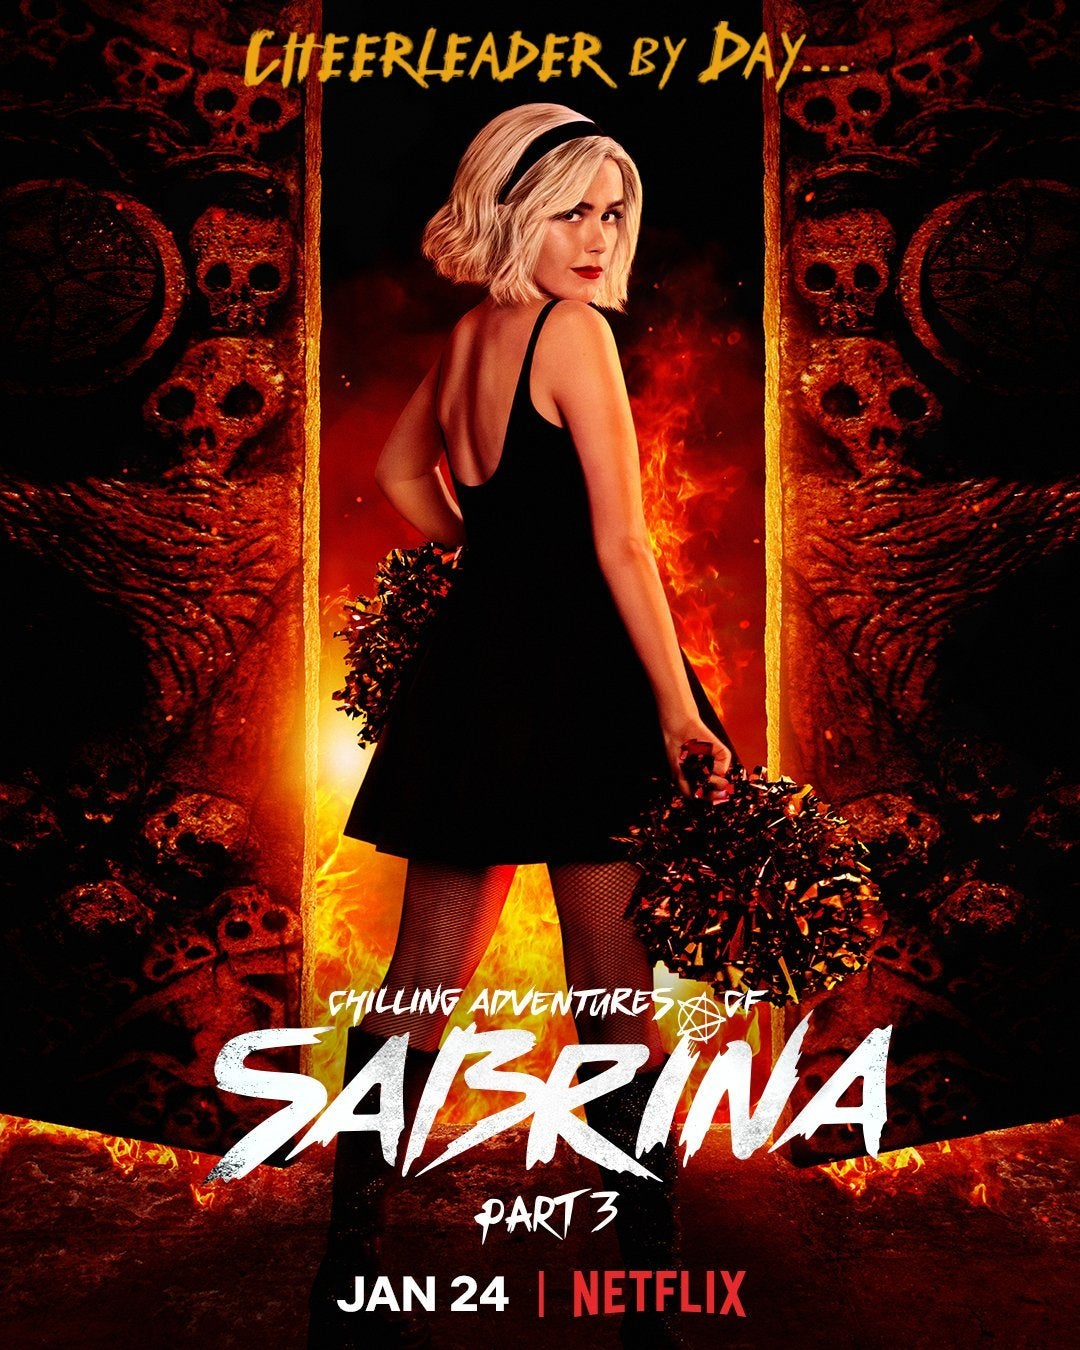 aventuras arrepiantes de sabrina poster parte 3 kiernan shipka